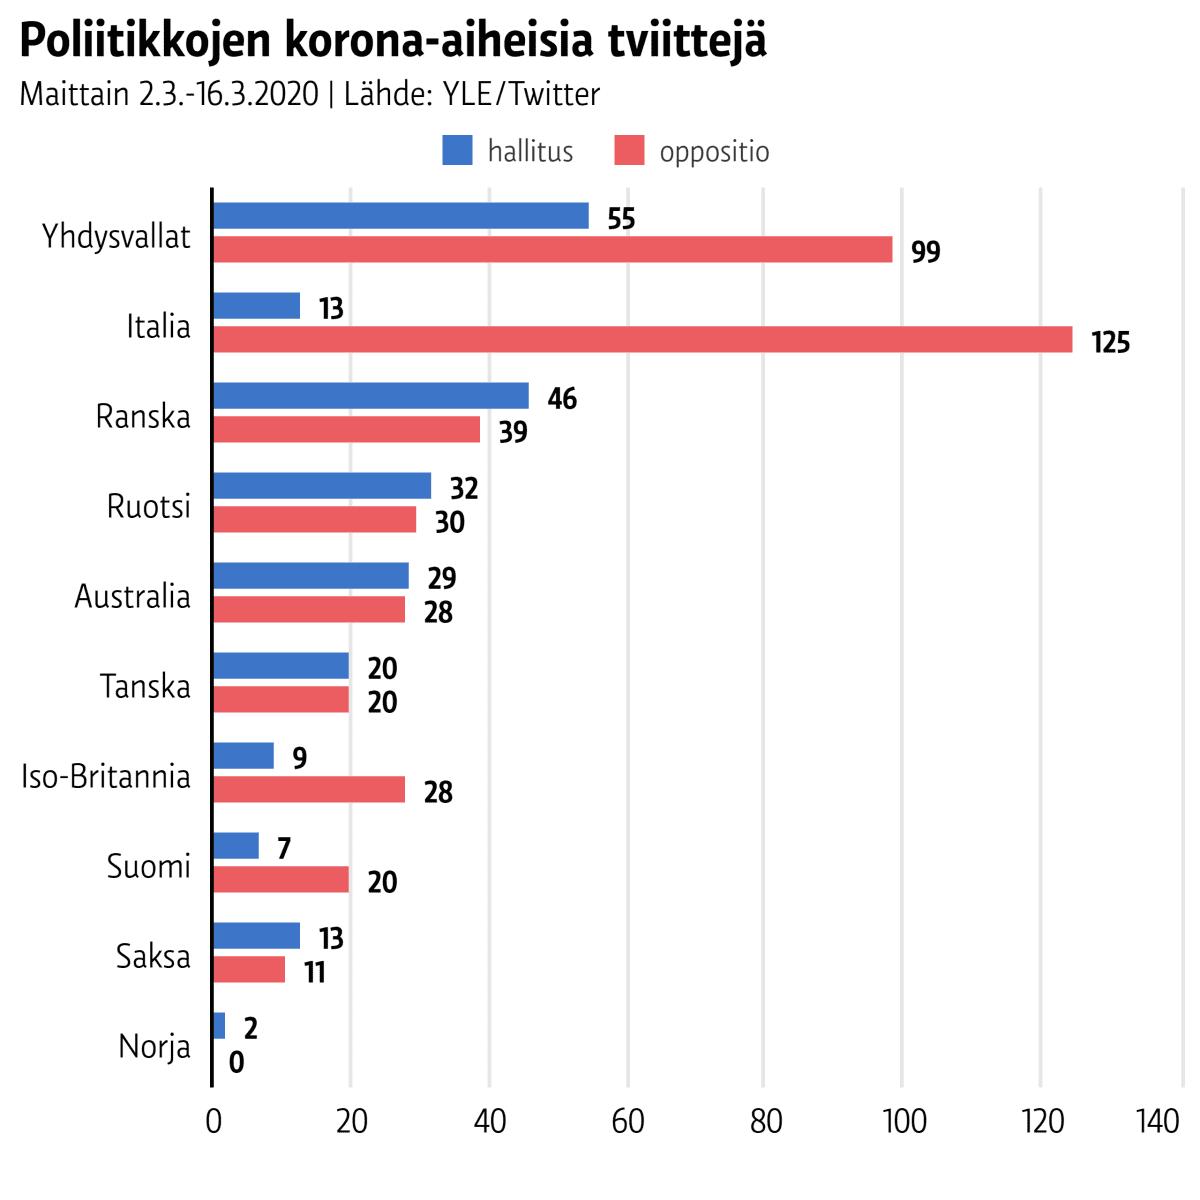 Poliitikkojen korona-aiheisia tviittejä maittain 2.–16.3.2020.